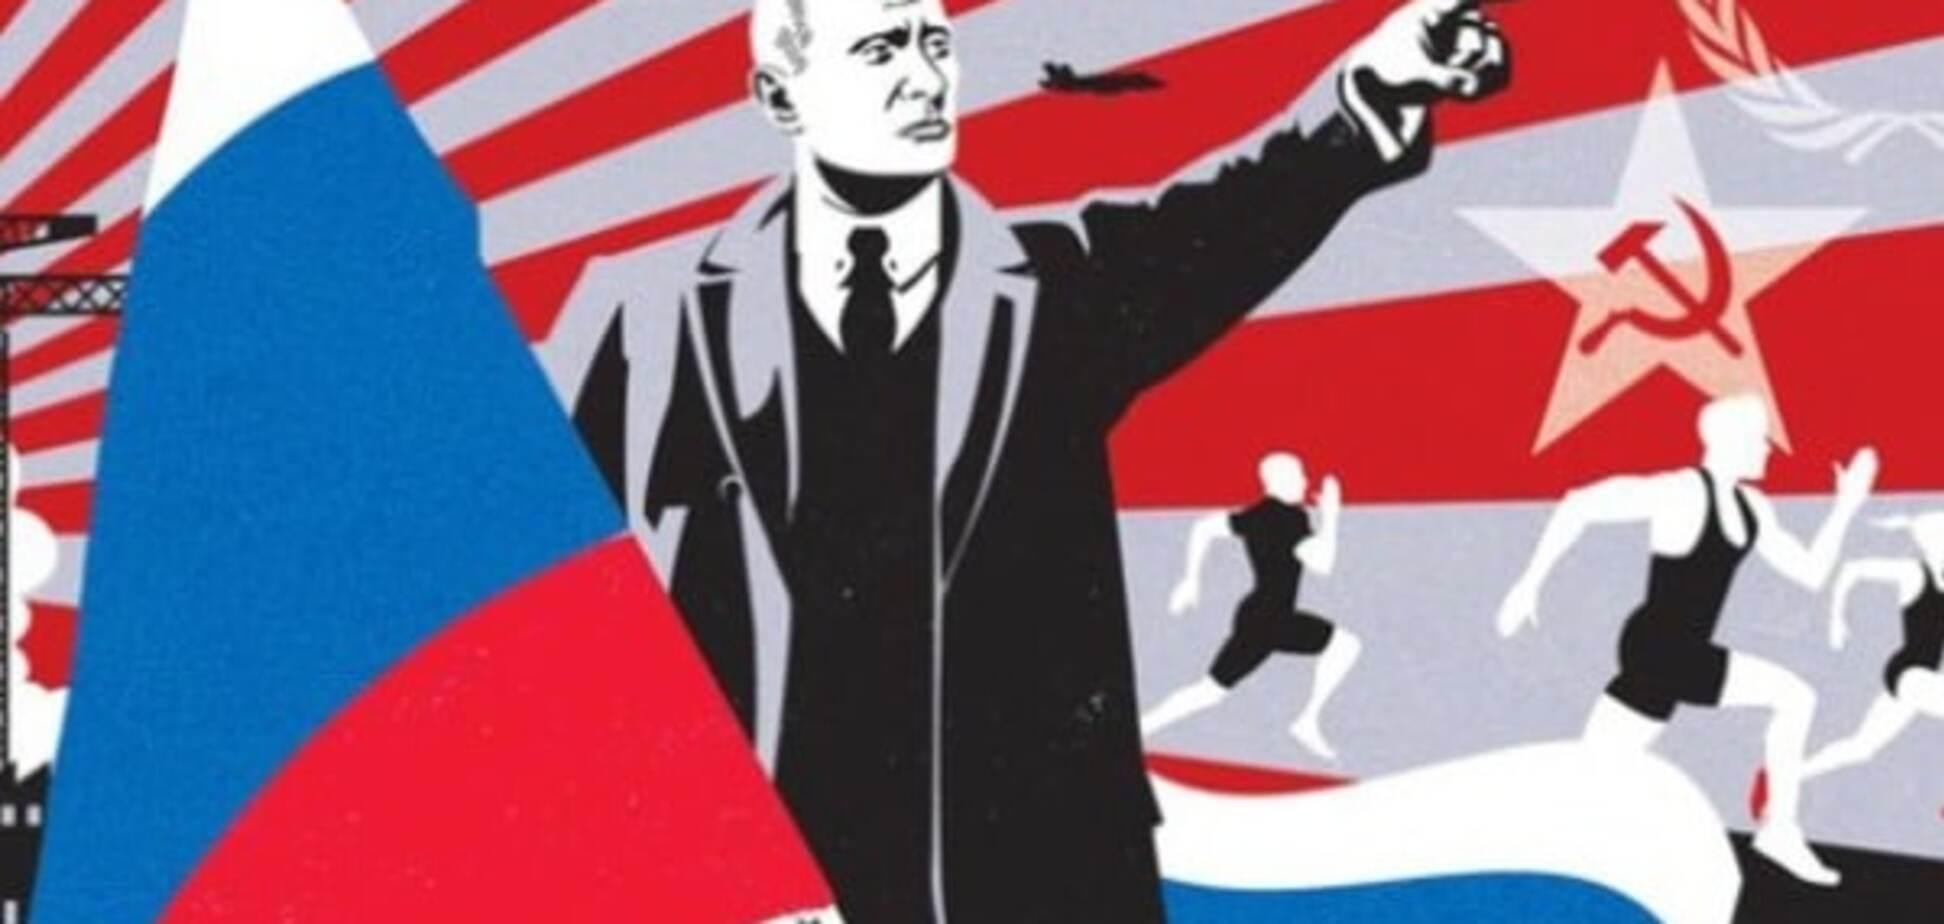 Вікно Овертона: експерт розповів, як Кремлю вдалося так швидко зомбувати народ Росії